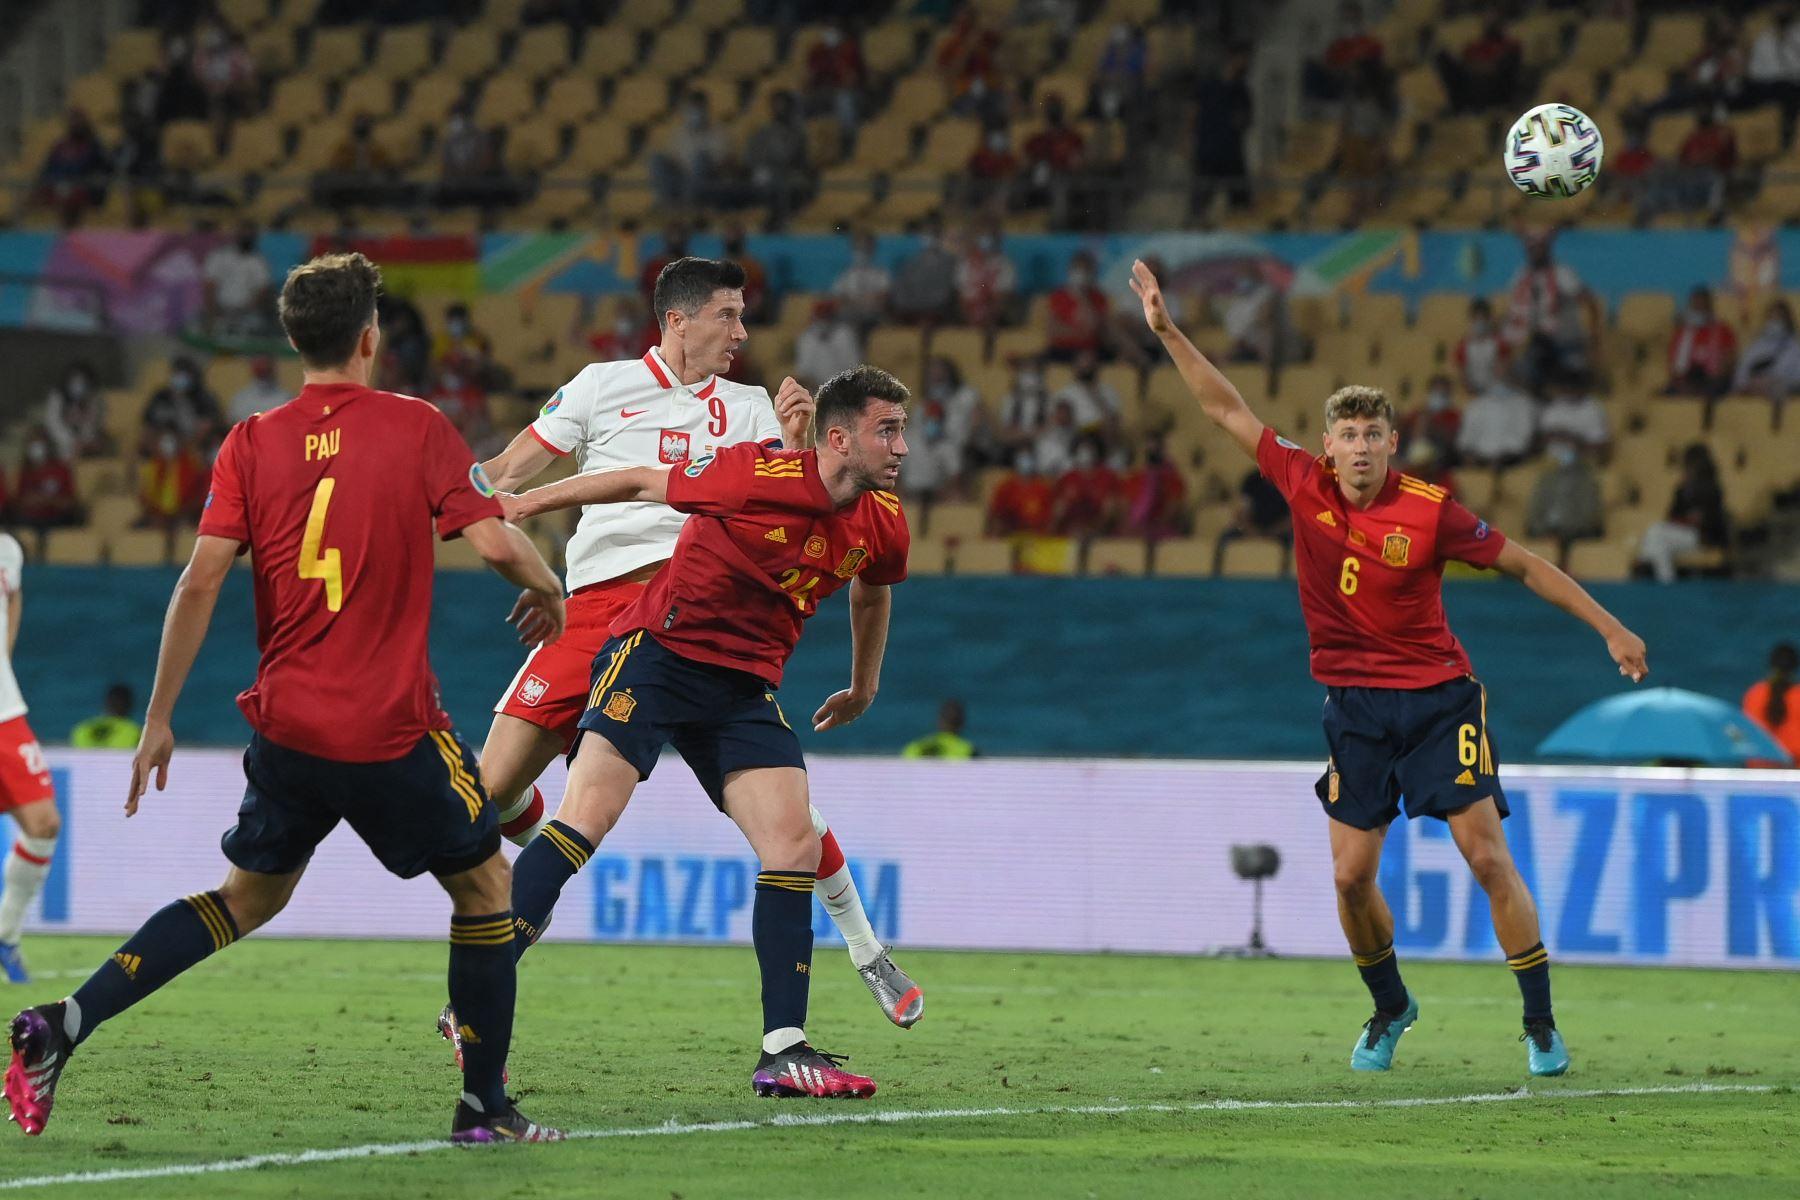 El delantero polaco Robert Lewandowski (CL) cabecea el balón cuando el defensor español Aymeric Laporte (CR) lo marca para marcar el empate durante el partido de fútbol del Grupo E de la UEFA EURO 2020 entre España y Polonia en el Estadio La Cartuja en Sevilla, España. Foto: AFP